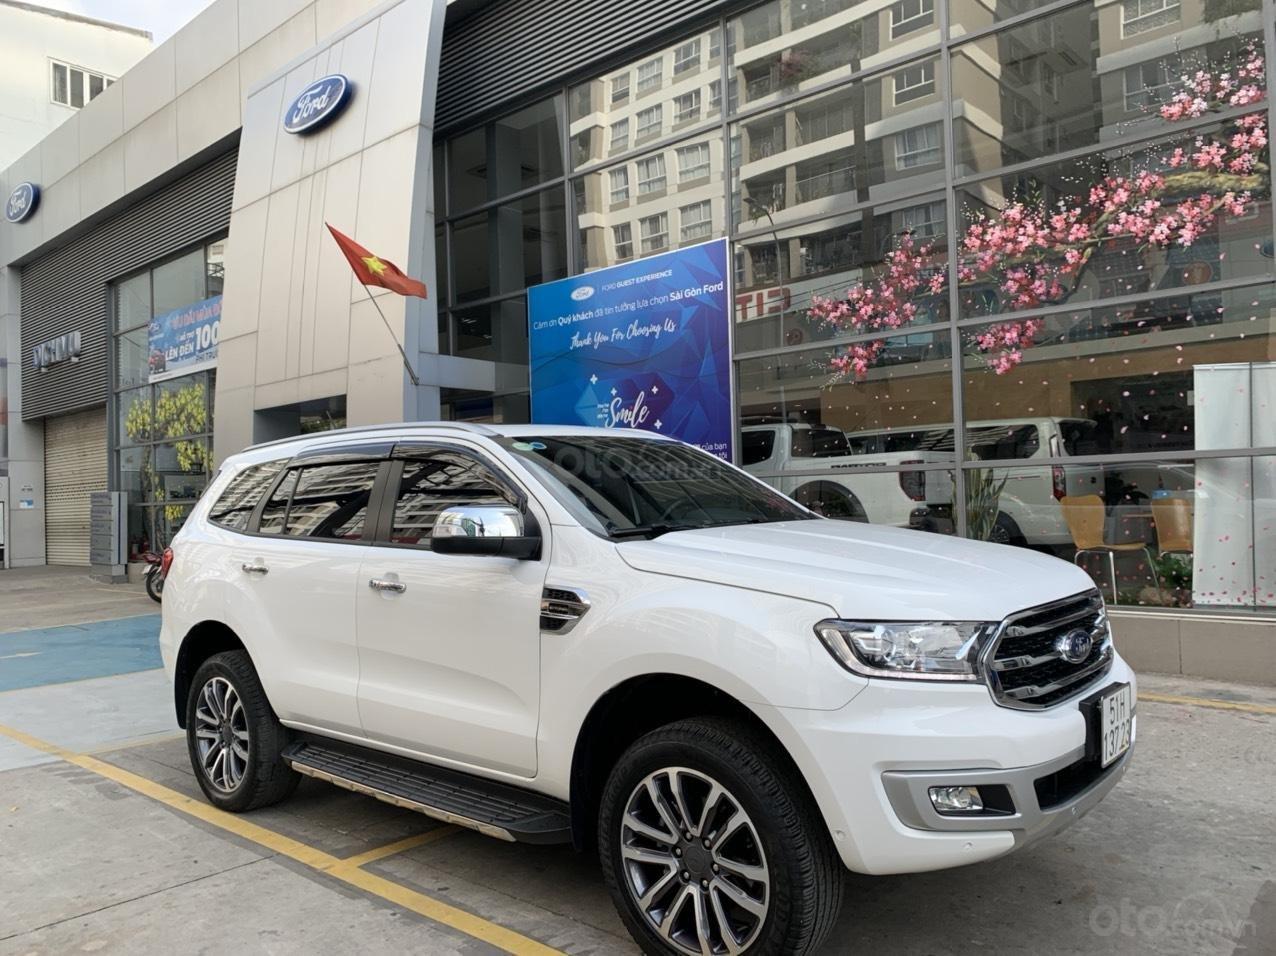 Bán nhanh chiếc Ford Everest Bi 4x4, Titanium 2019 (Siêu đẹp) (4)